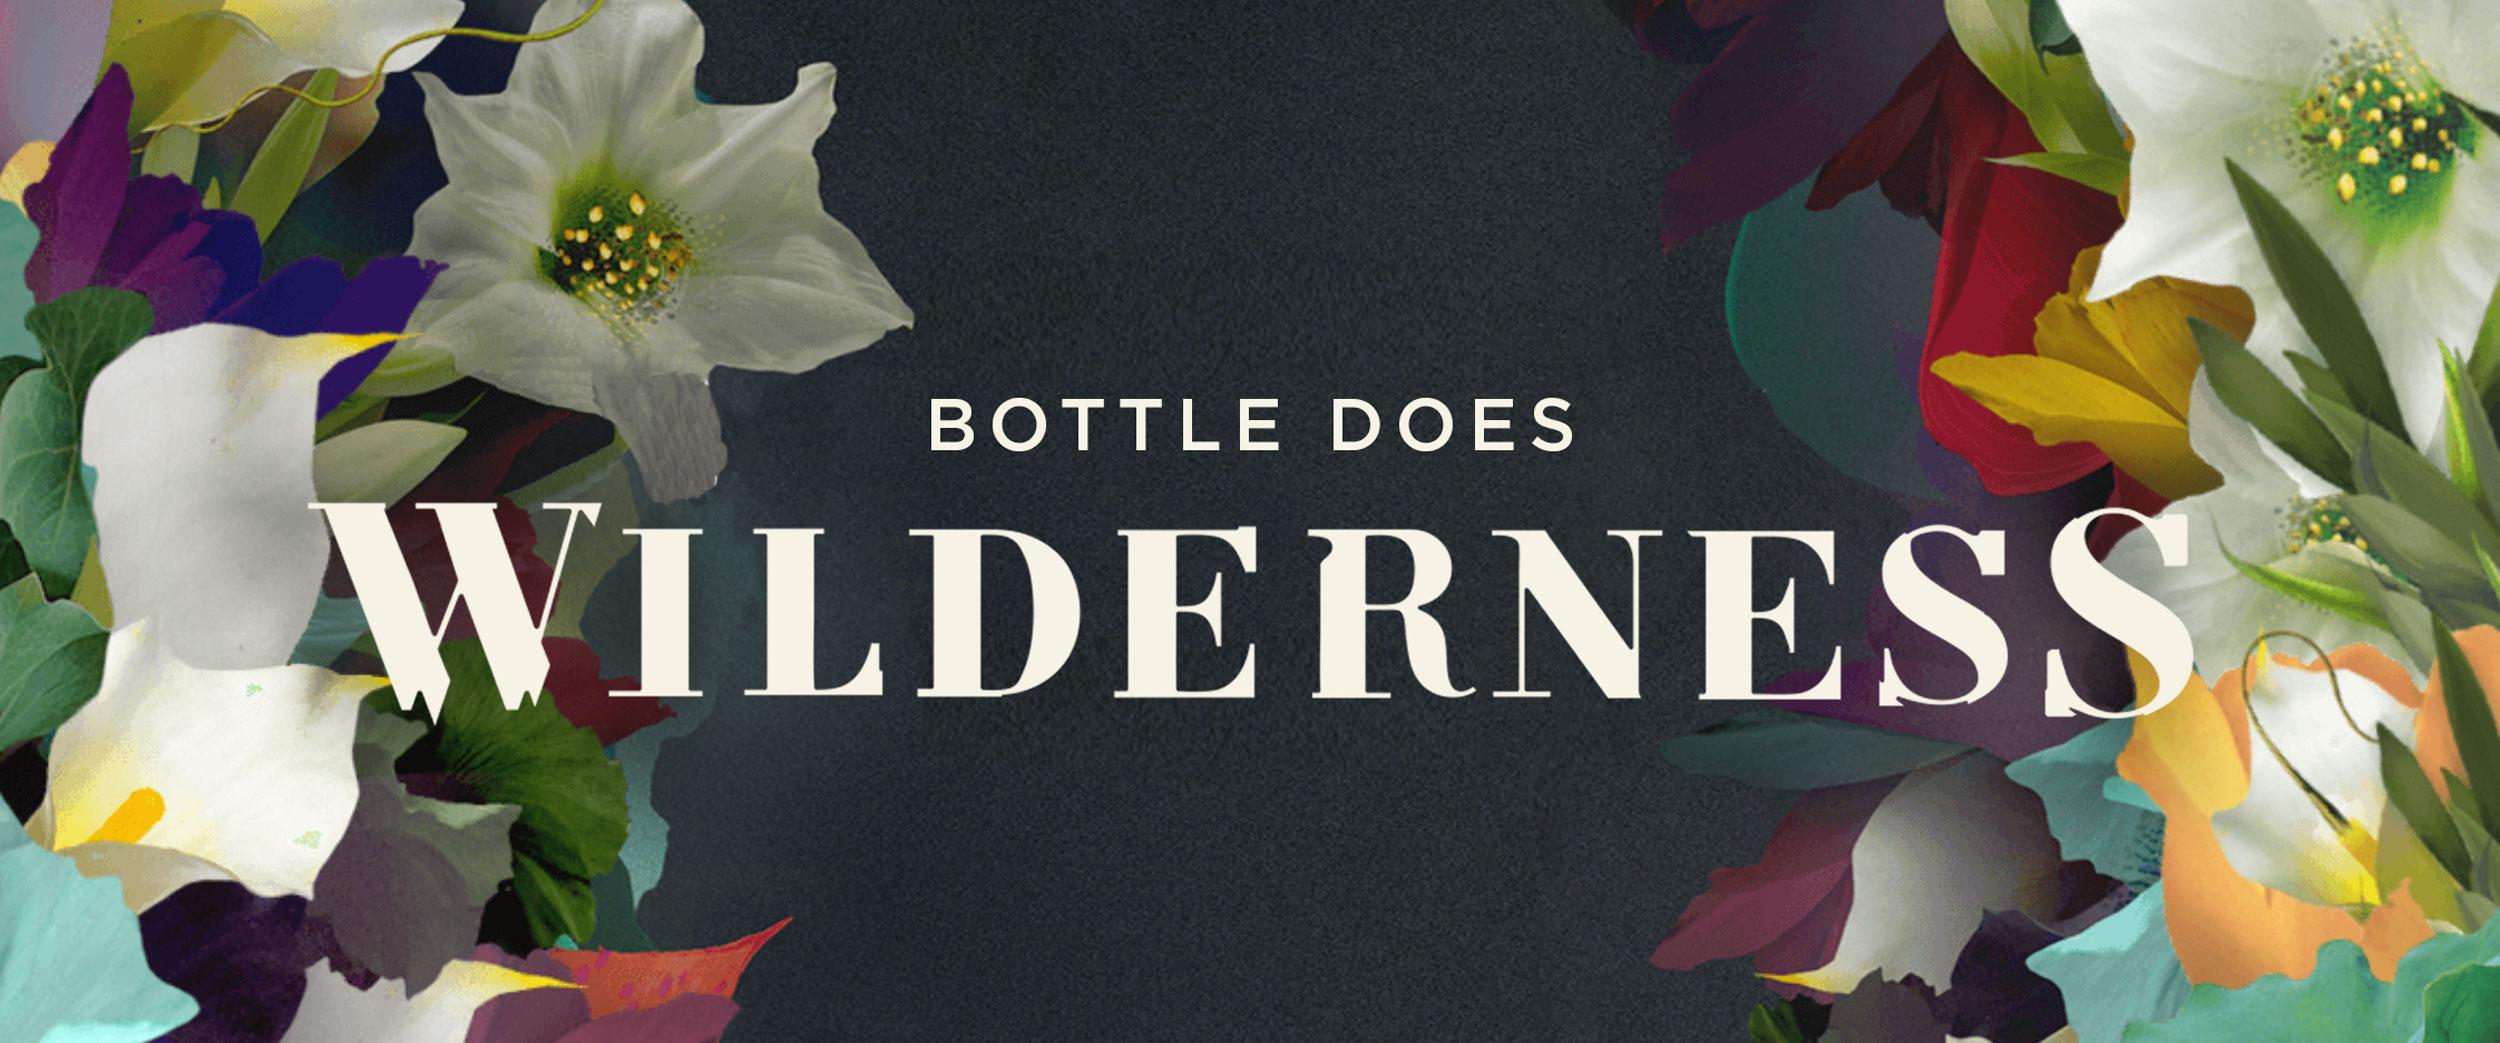 BottleDoesWilderness_v01.jpg